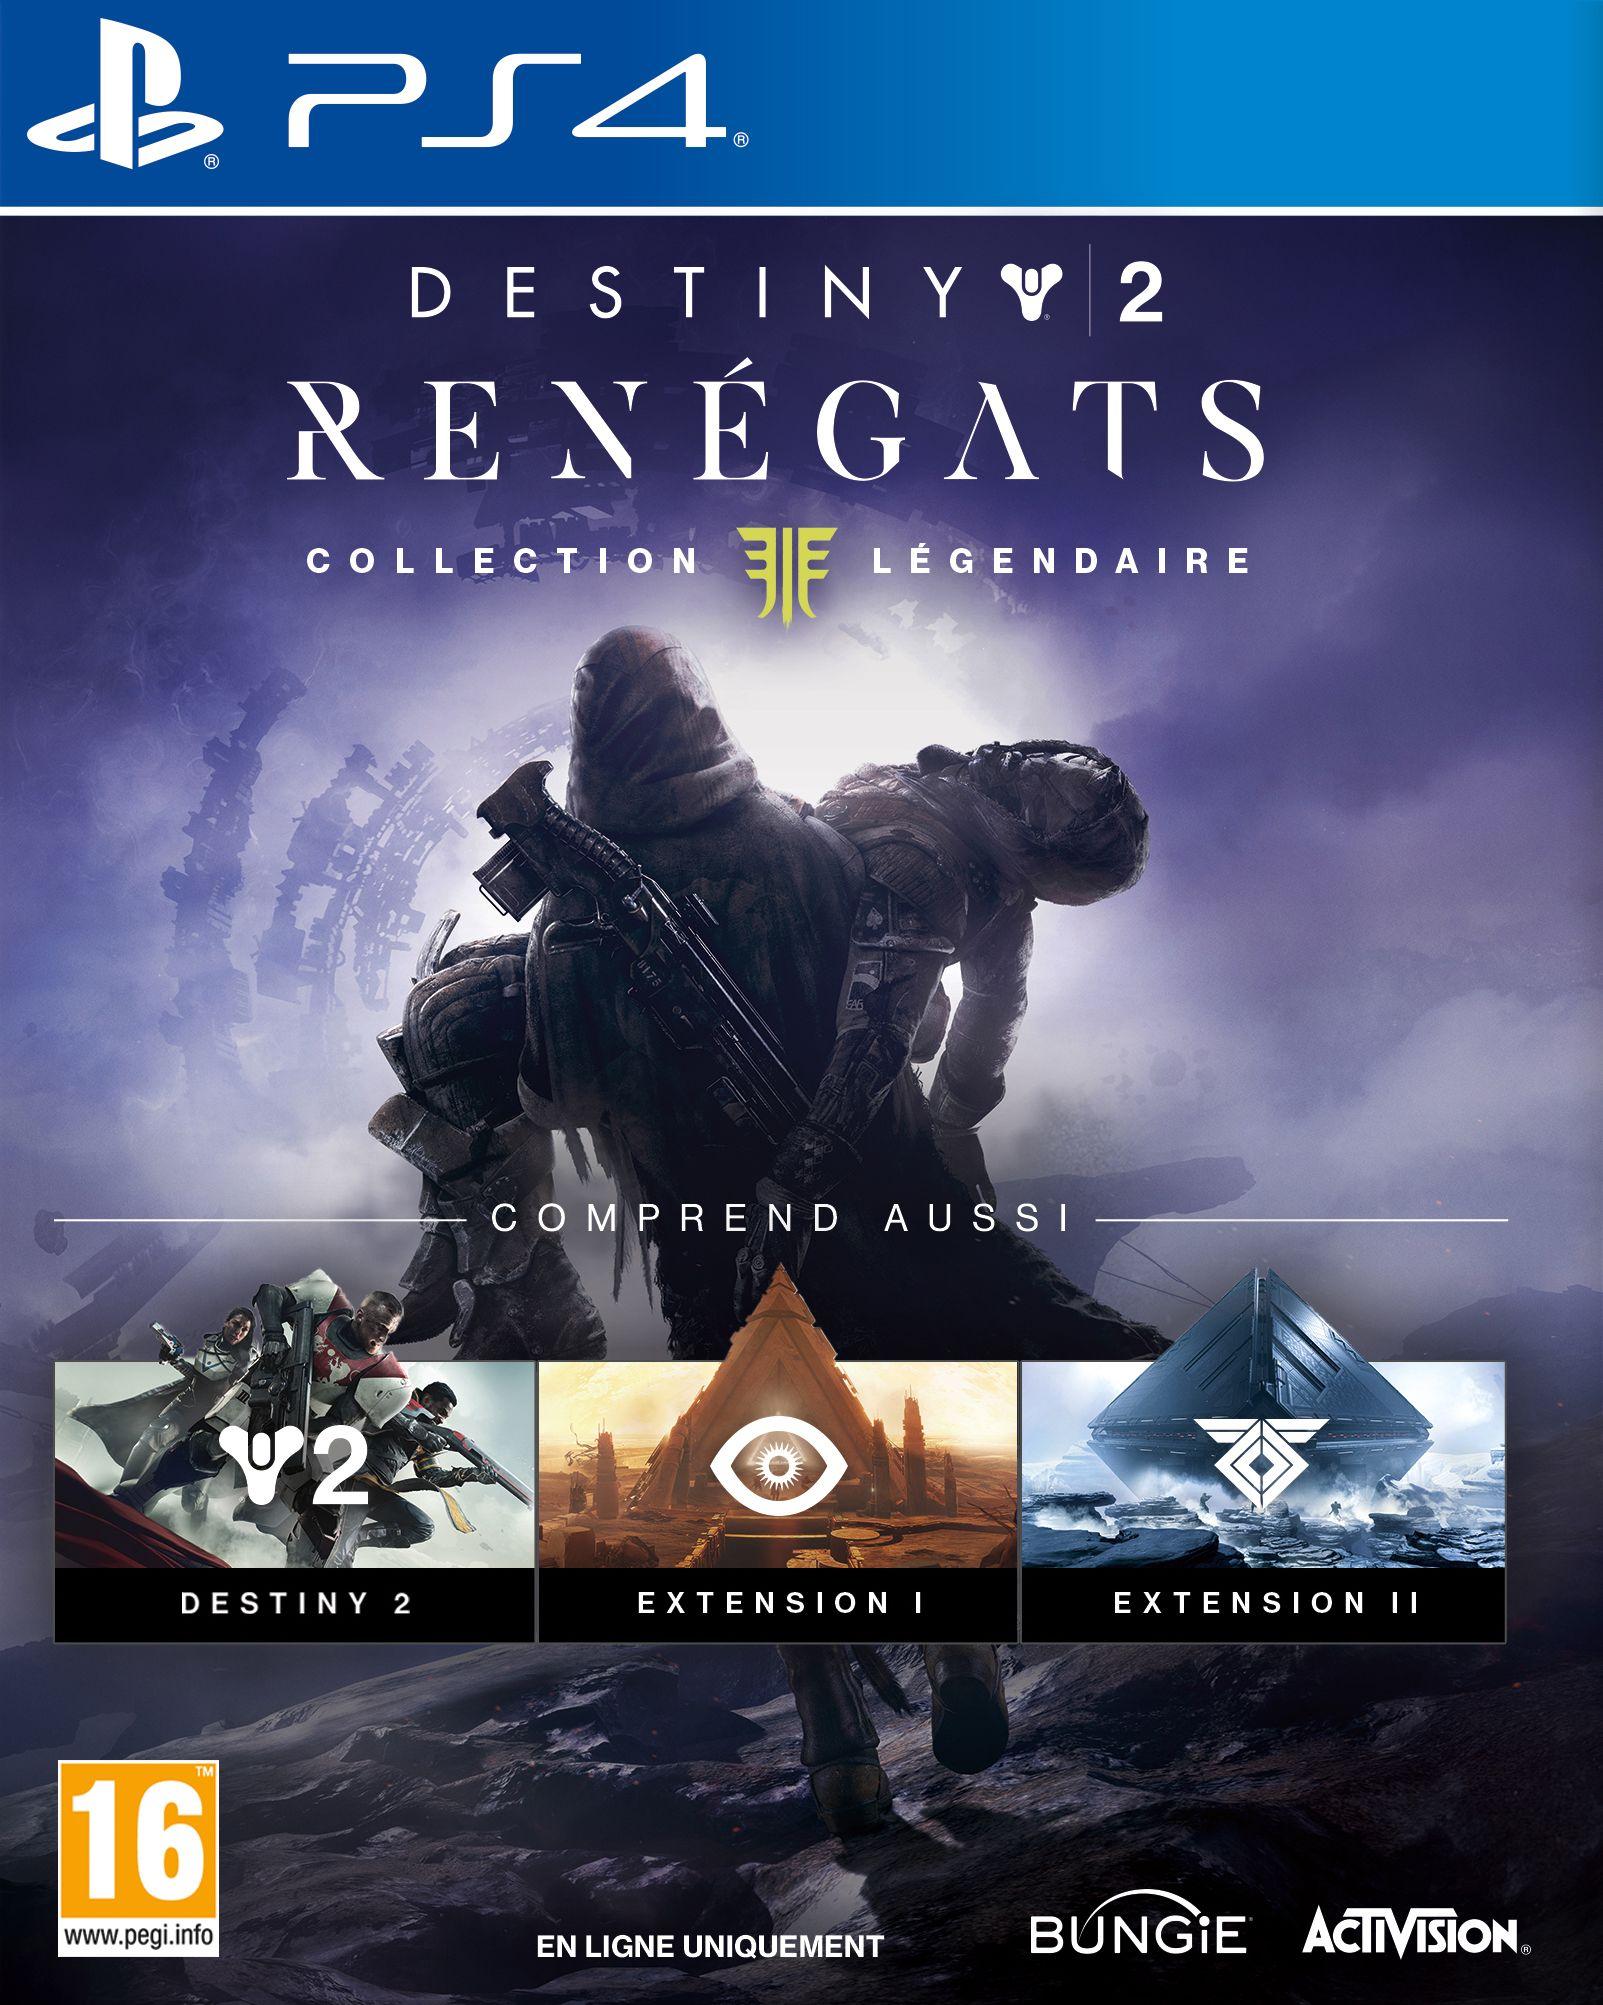 Destiny Renégats Collection Légendaire – PS4 – OCCASION